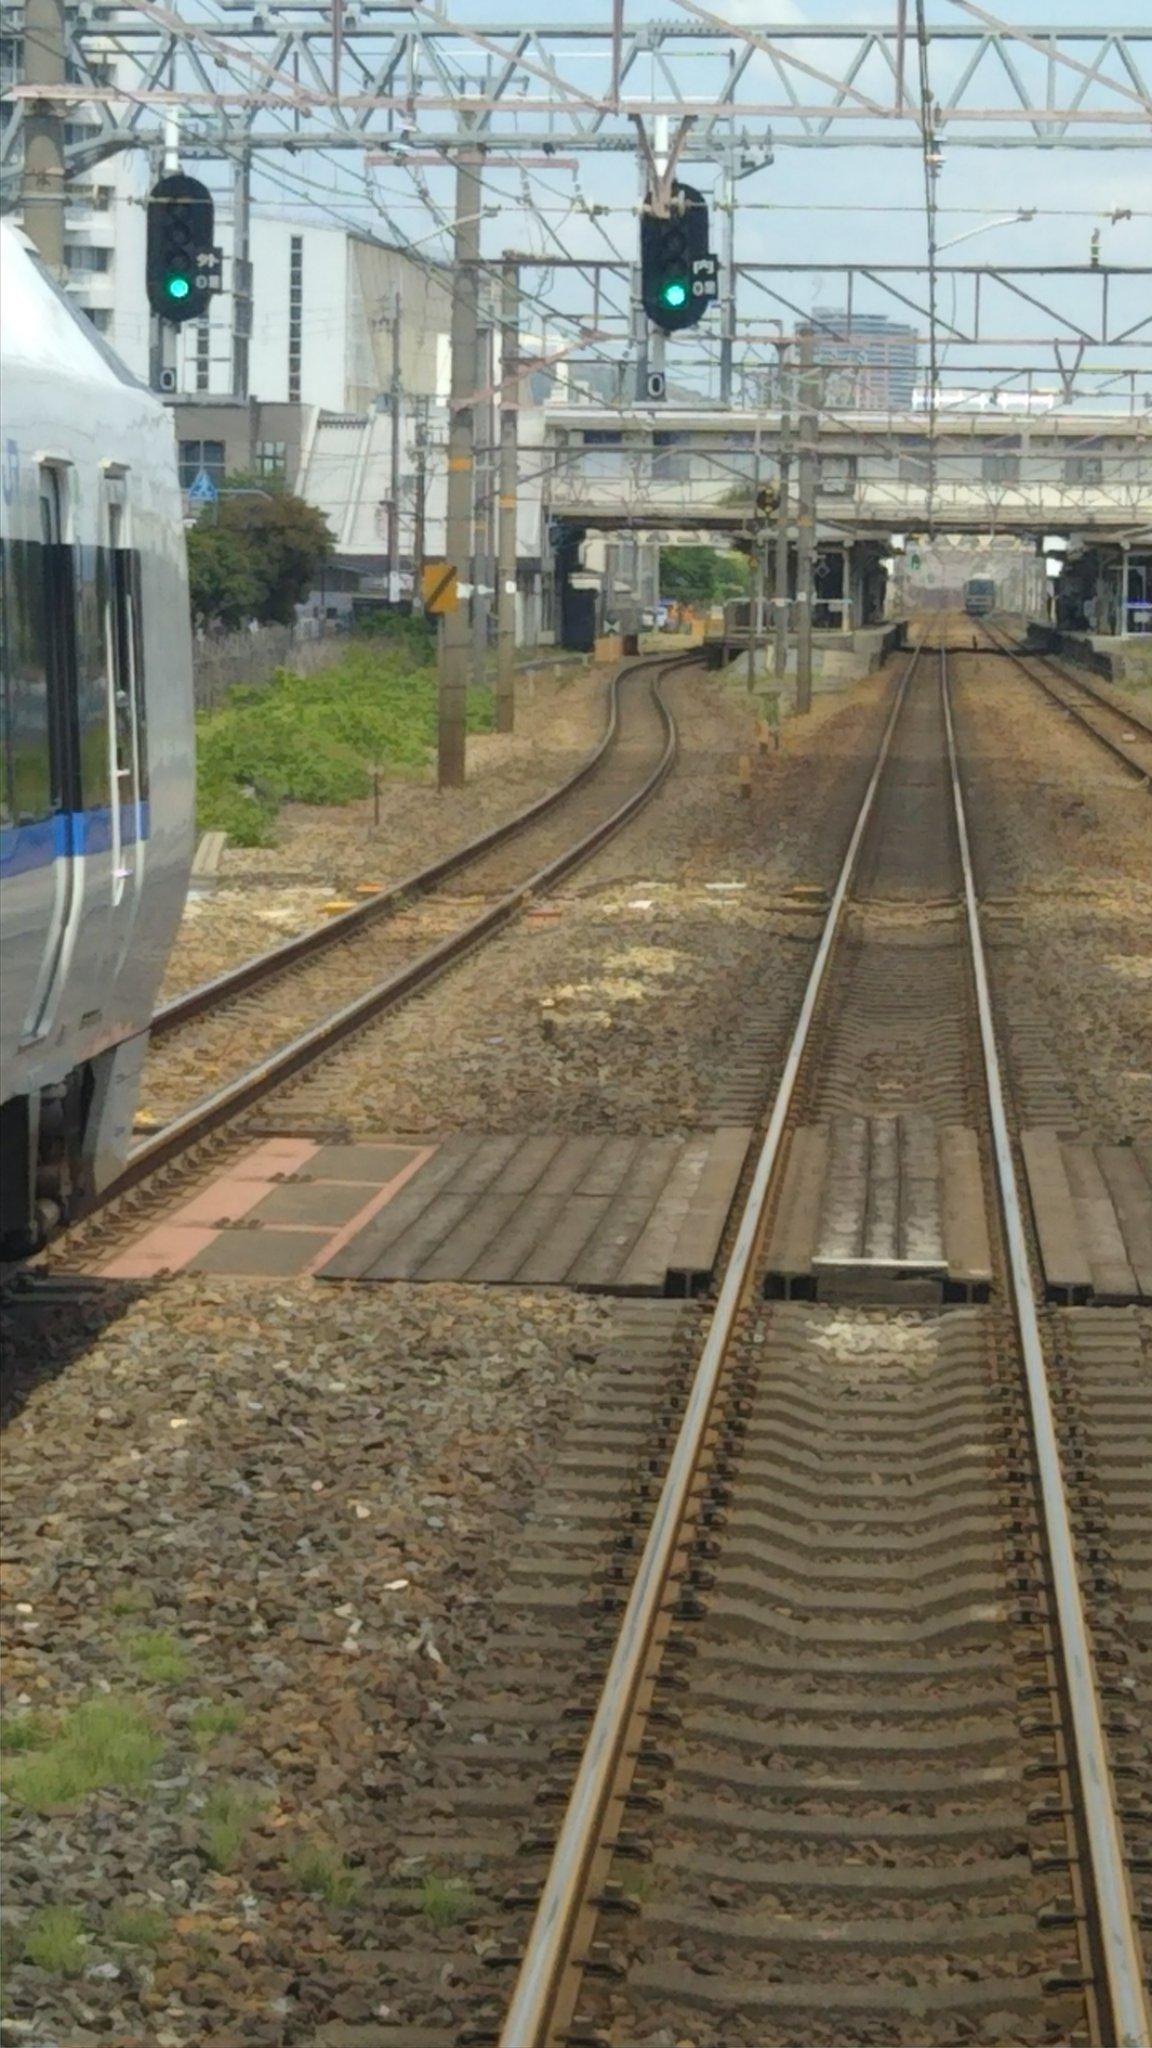 画像,茨木駅付近で緊急停車させる信号を発報とのこと。 https://t.co/drSHt20mCf。